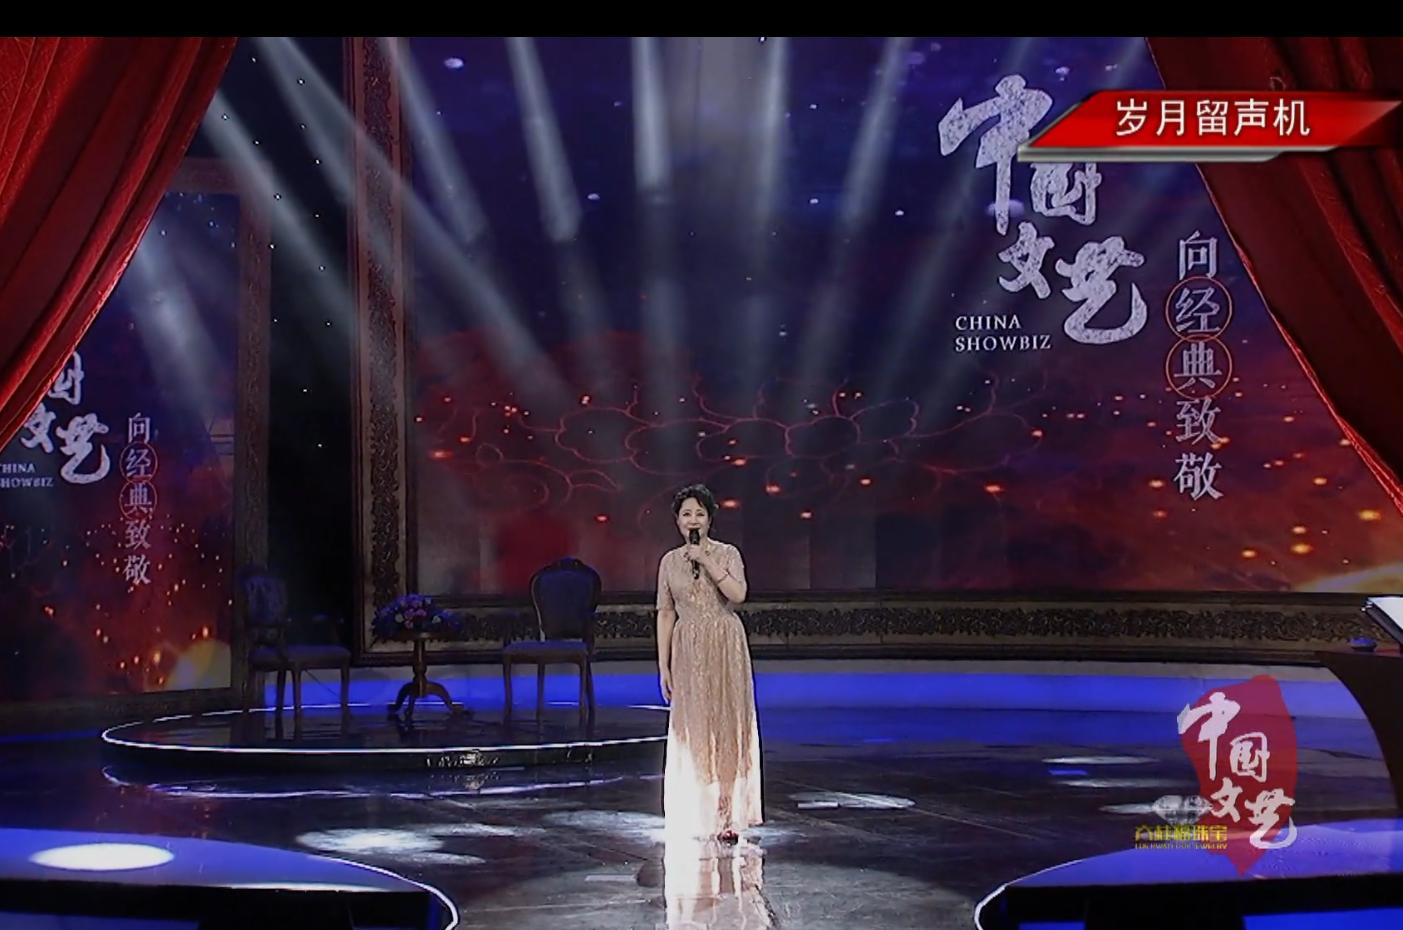 申丽娟演唱歌曲《望星空》